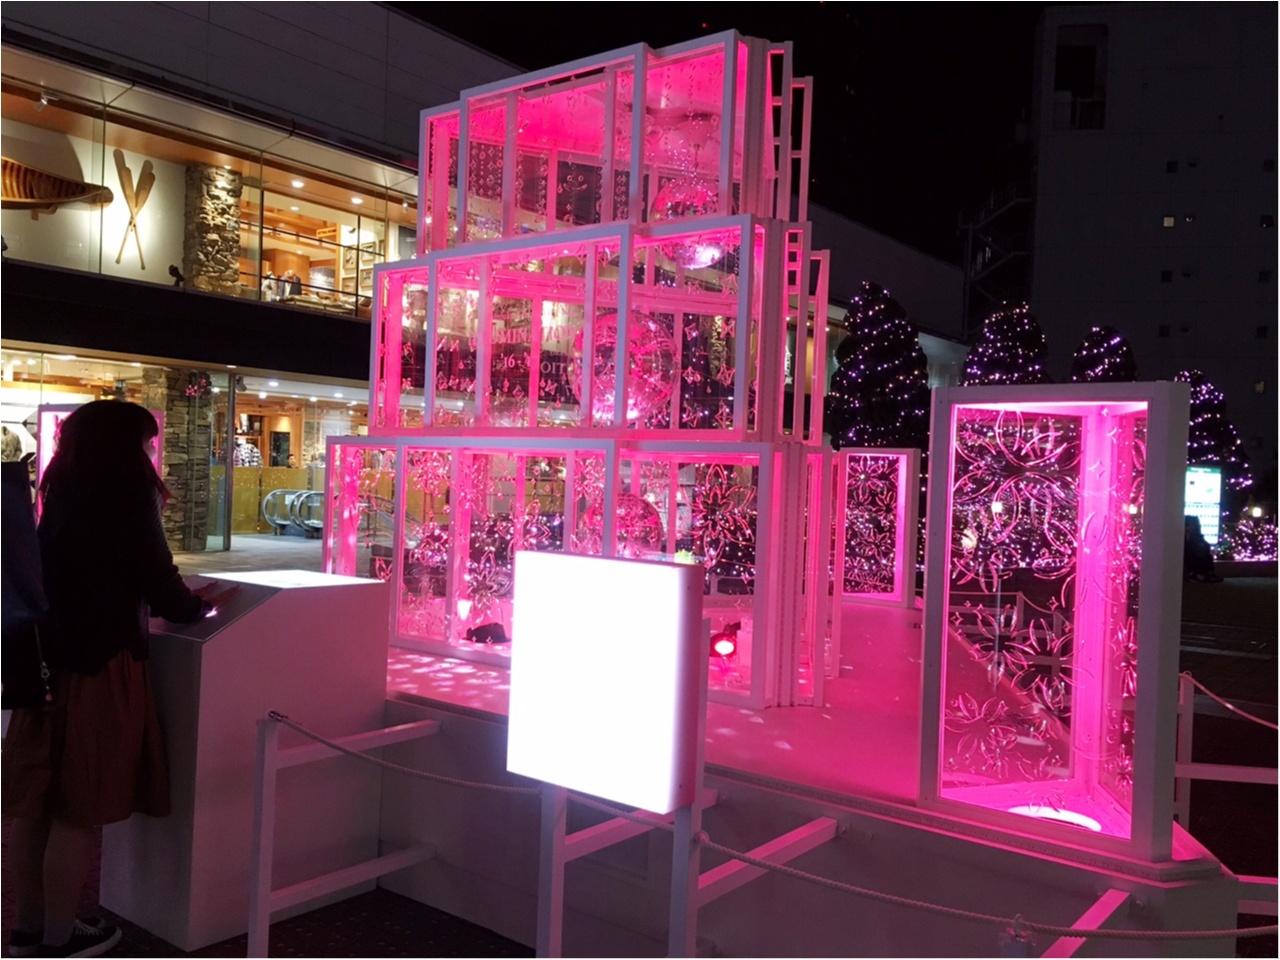 新宿の冬をベビーピンク色に染め上げる♡『新宿テラスシティ』のイルミネーションが女子力高め!体験型の『スマイルタワー』って?♡_12